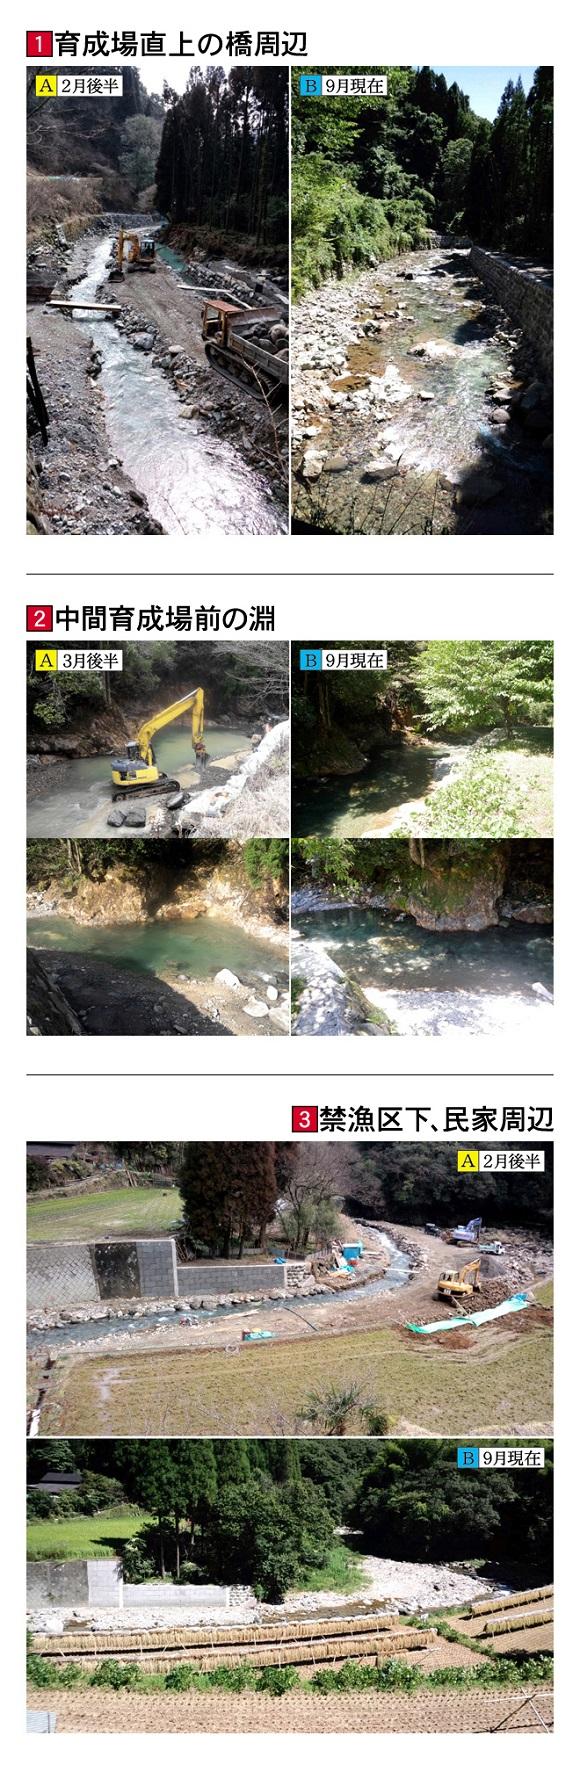 2013年/梅野川/河川変遷分割-1